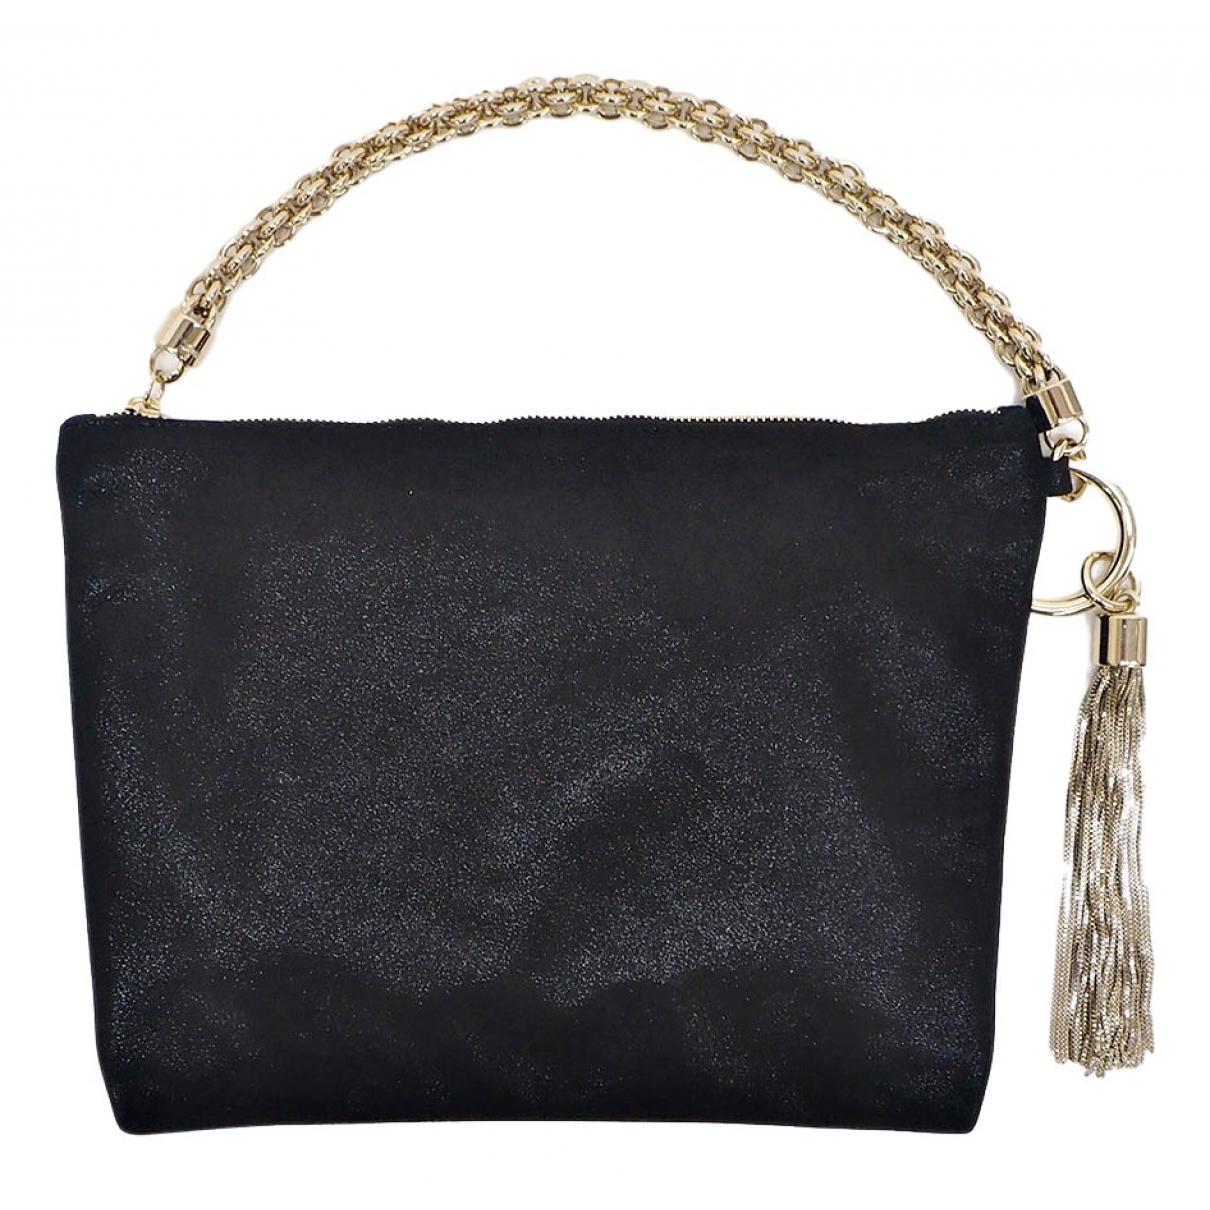 Jimmy Choo \N Black Suede handbag for Women \N